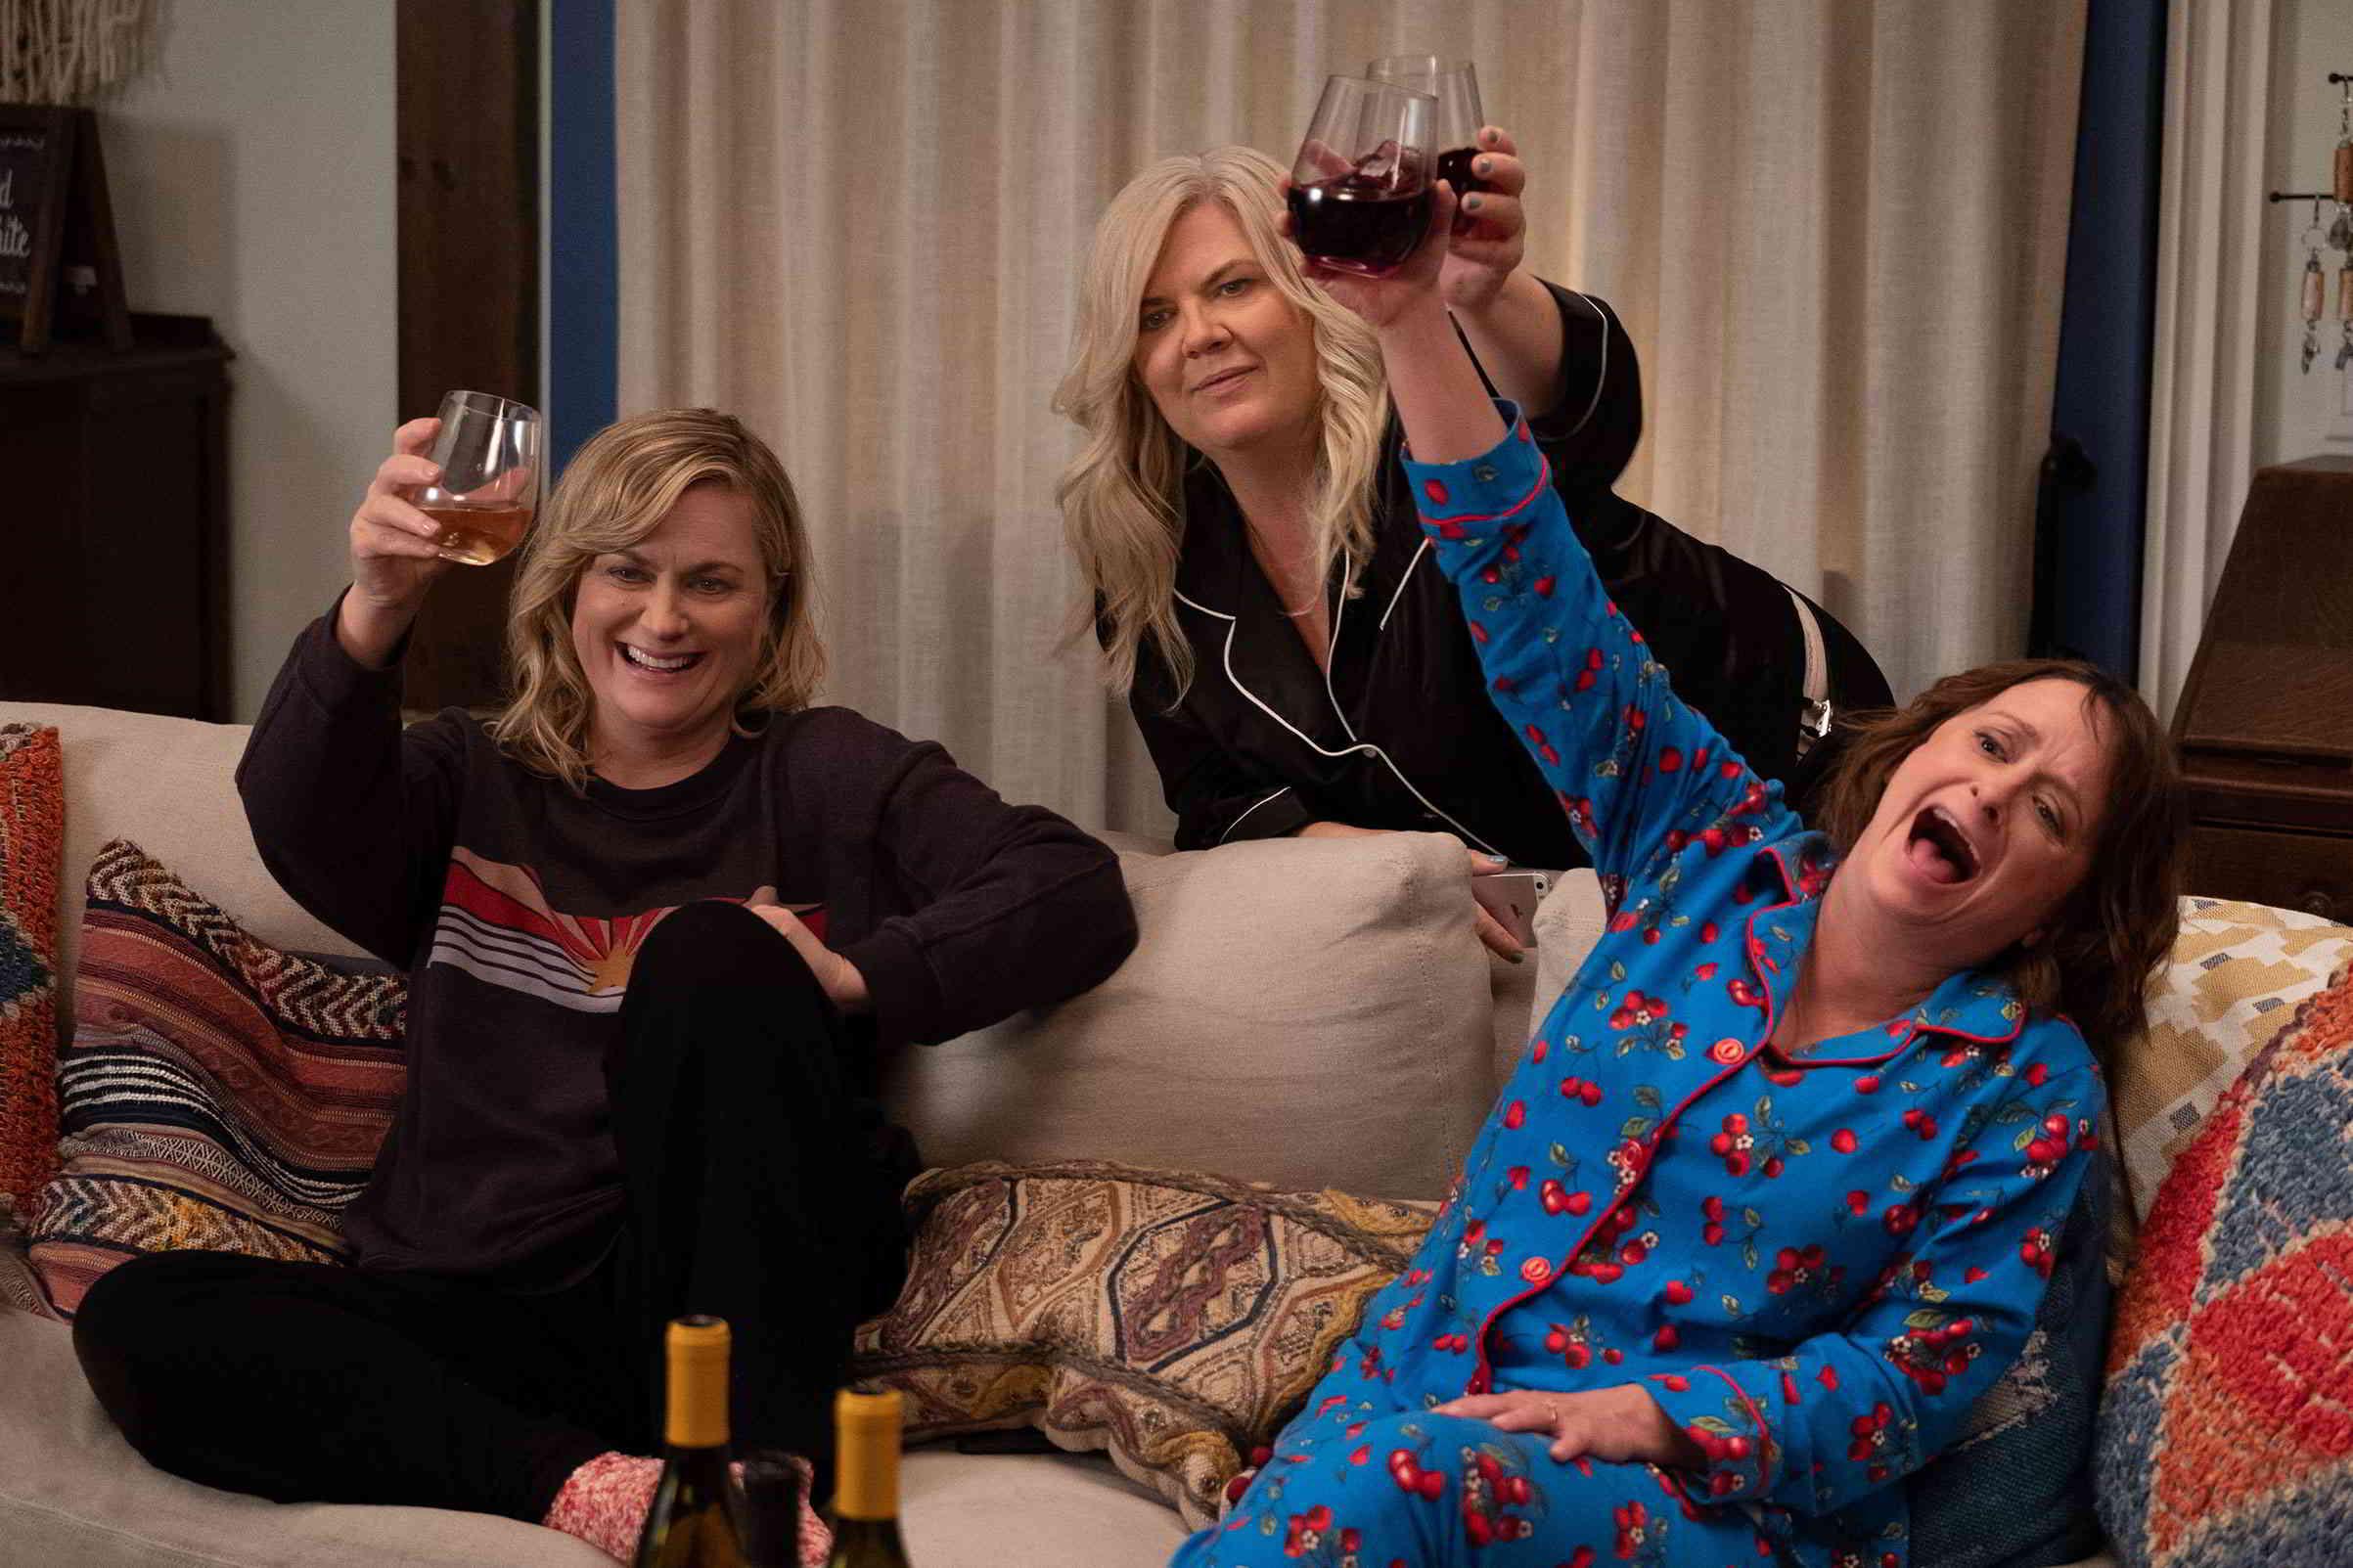 Wine Country, amicizie e risate nel nuovo film Netflix